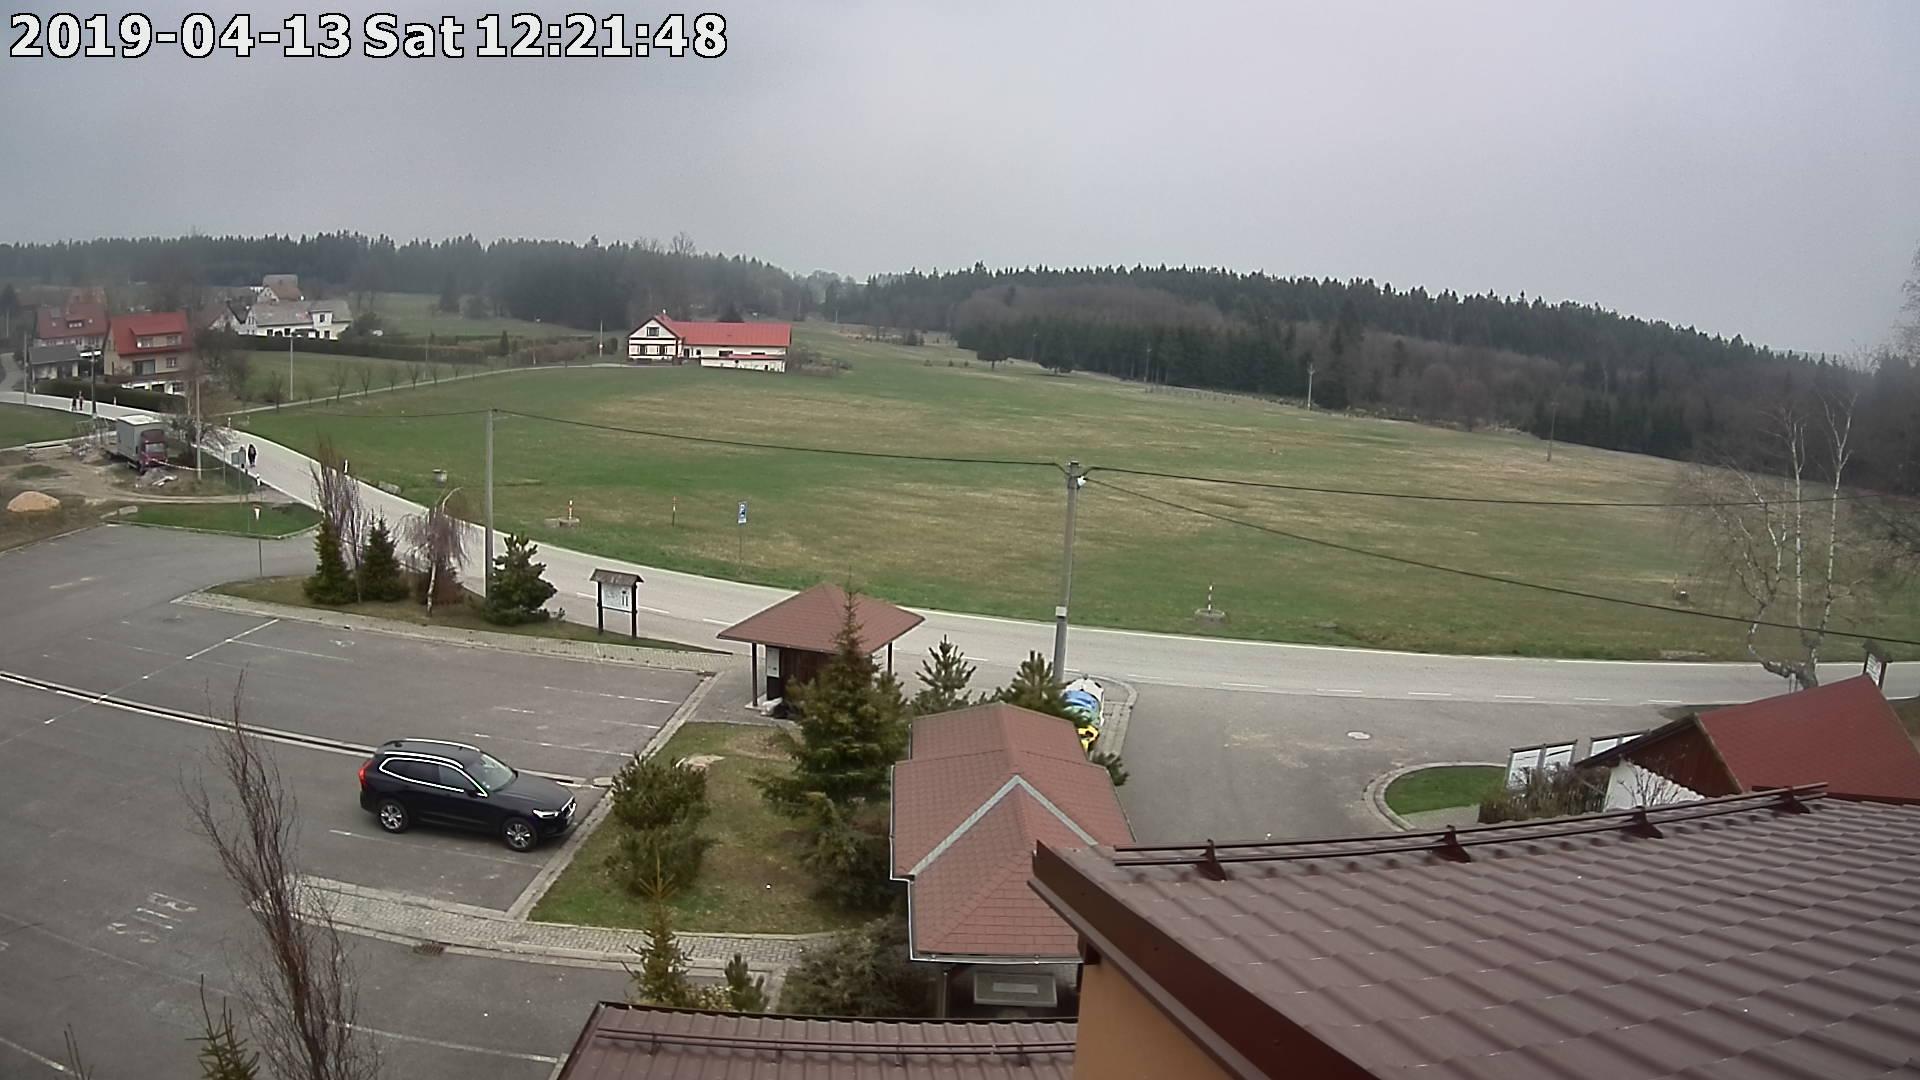 Webkamera ze dne 2019-04-13